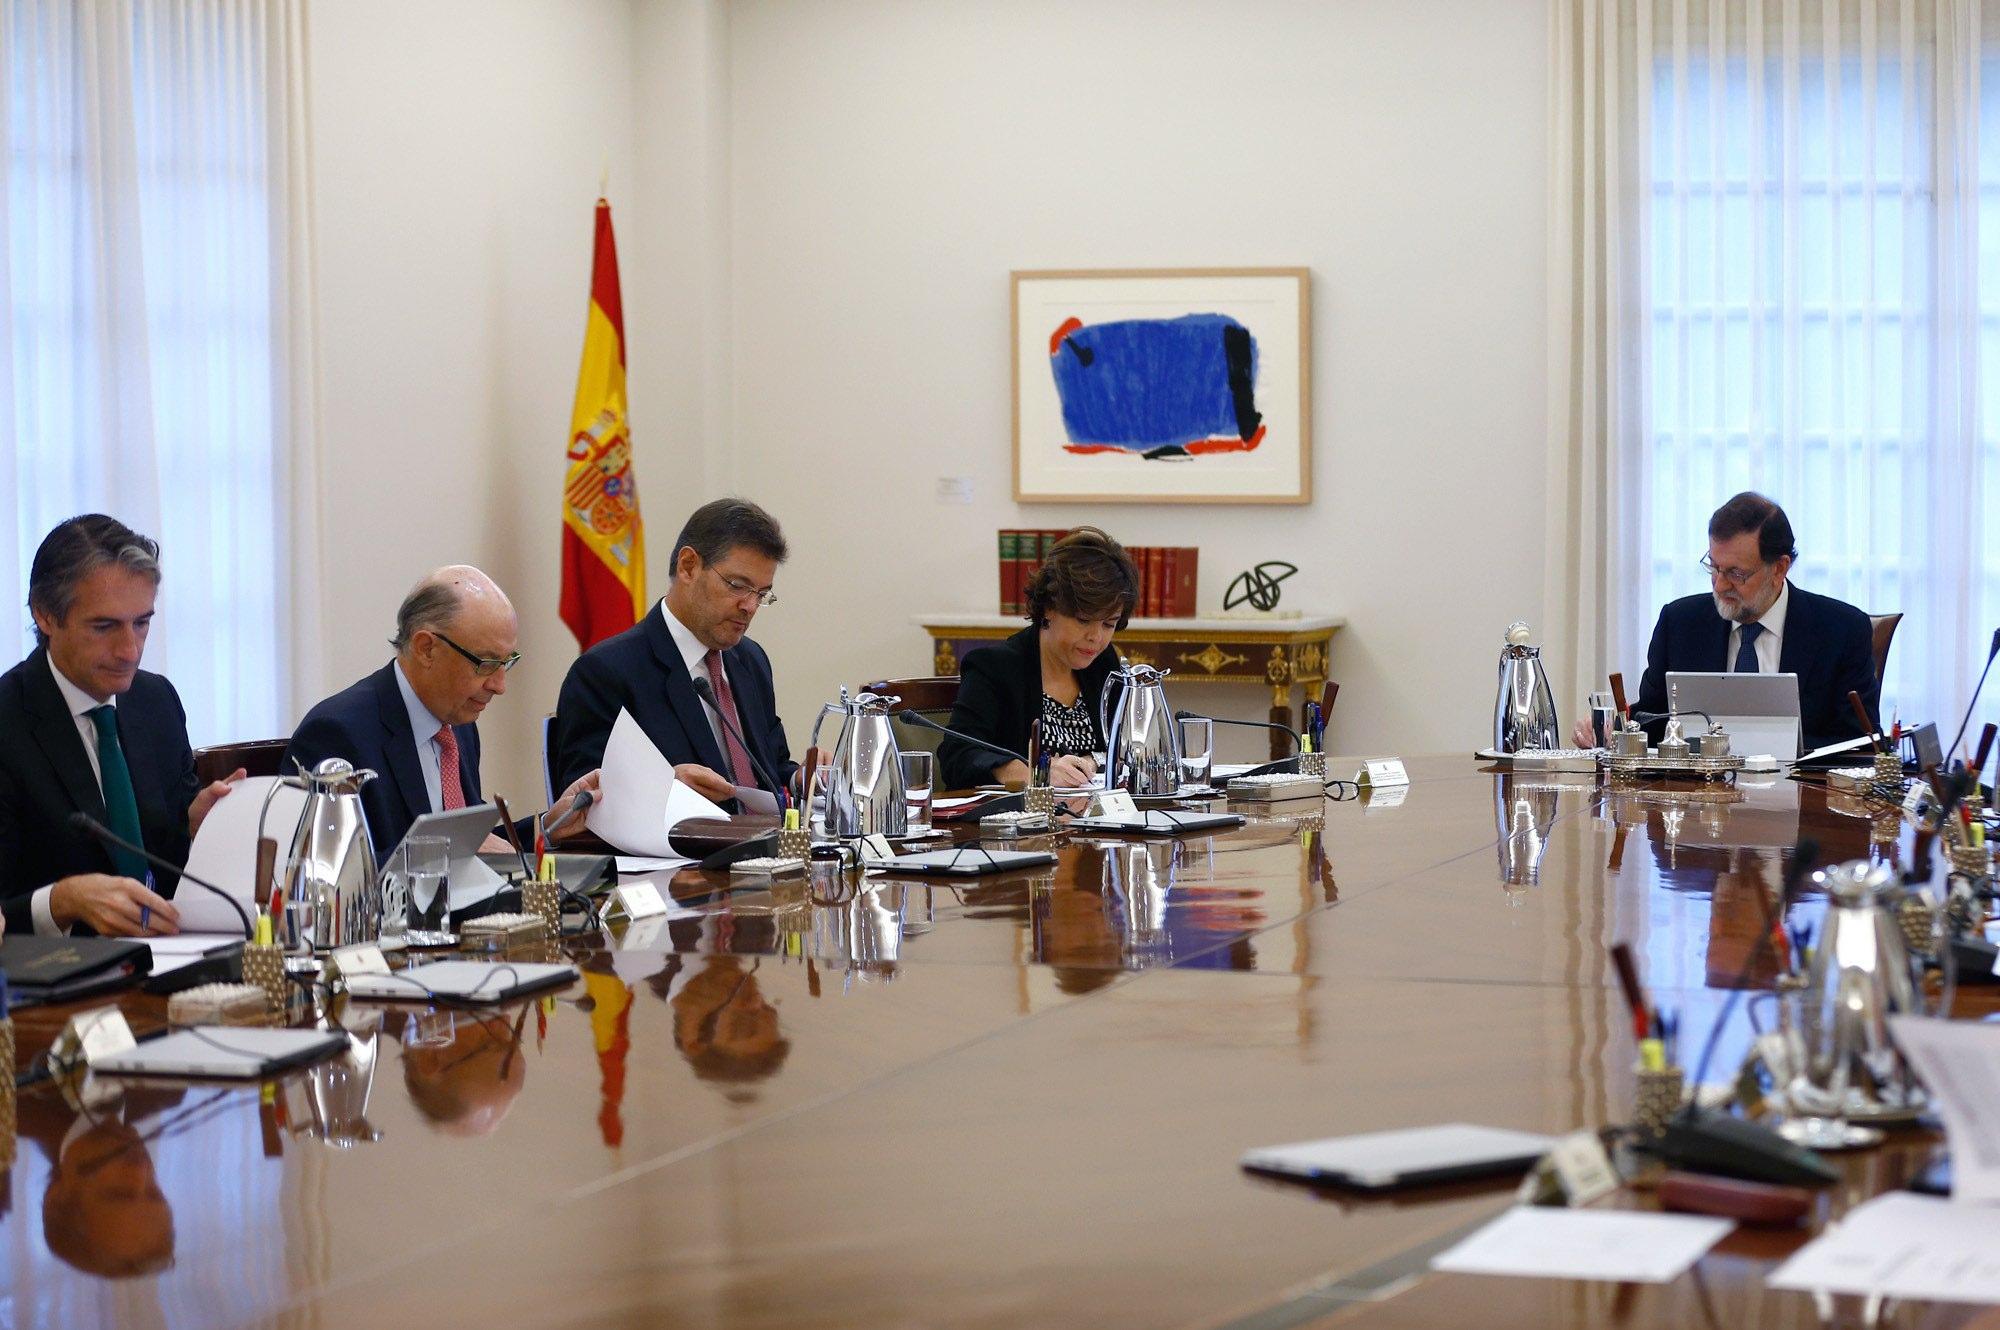 NAKON KATALONSKOG PROGLAŠENJA NEOVISNOSTI Španjolski senat aktivirao ključni članak Ustava o izvanrednim mjerama